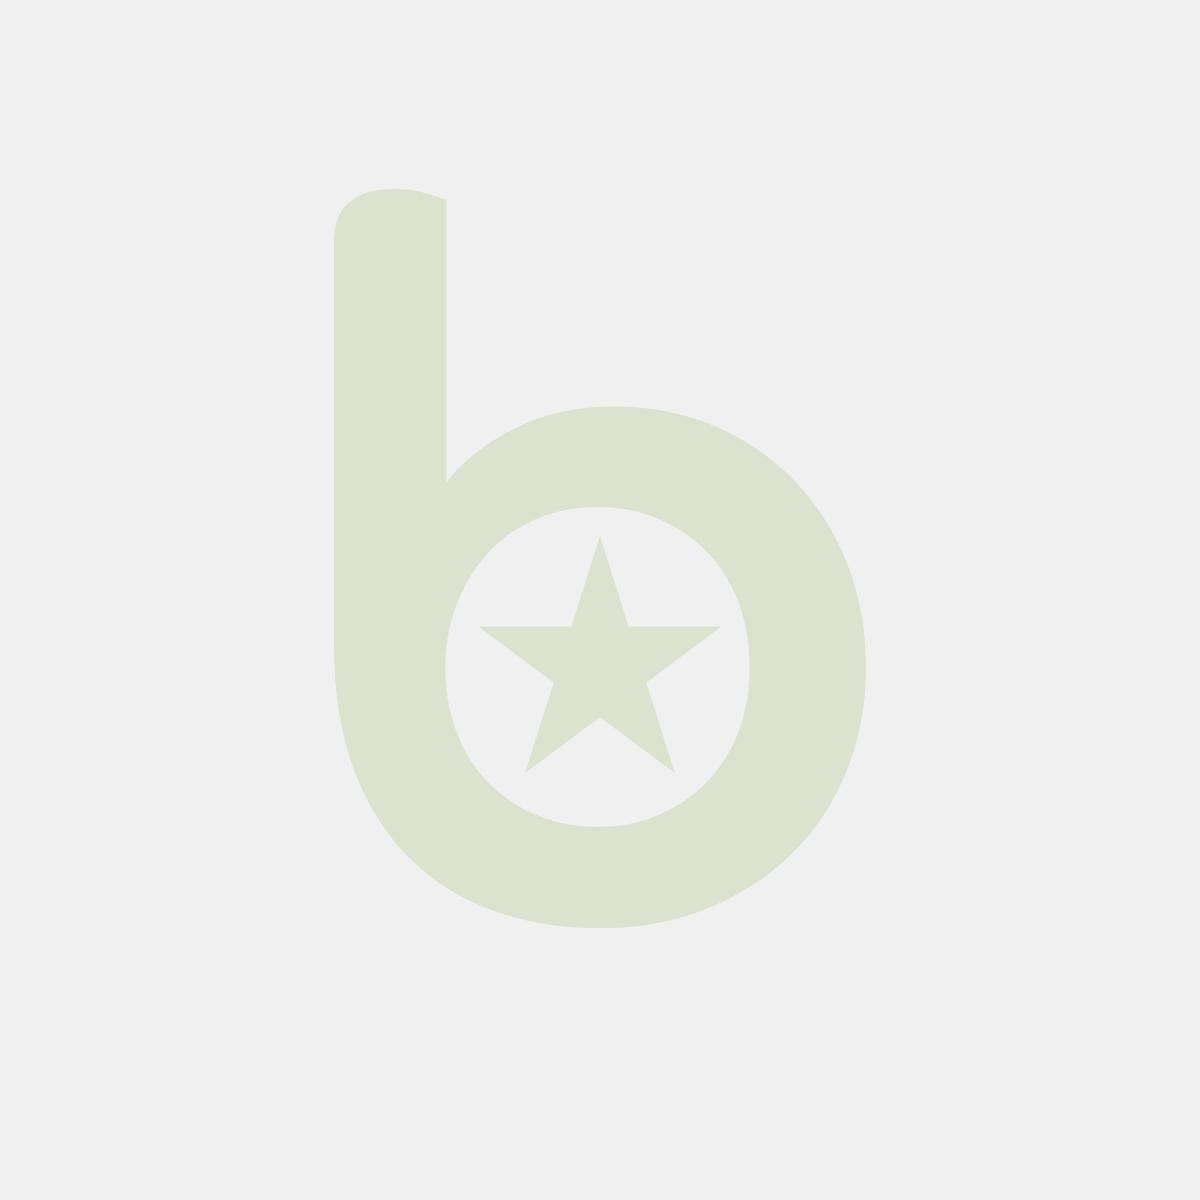 Zakaz jazdy na rolkach B2 - 105 x 105mm GB049B2FN